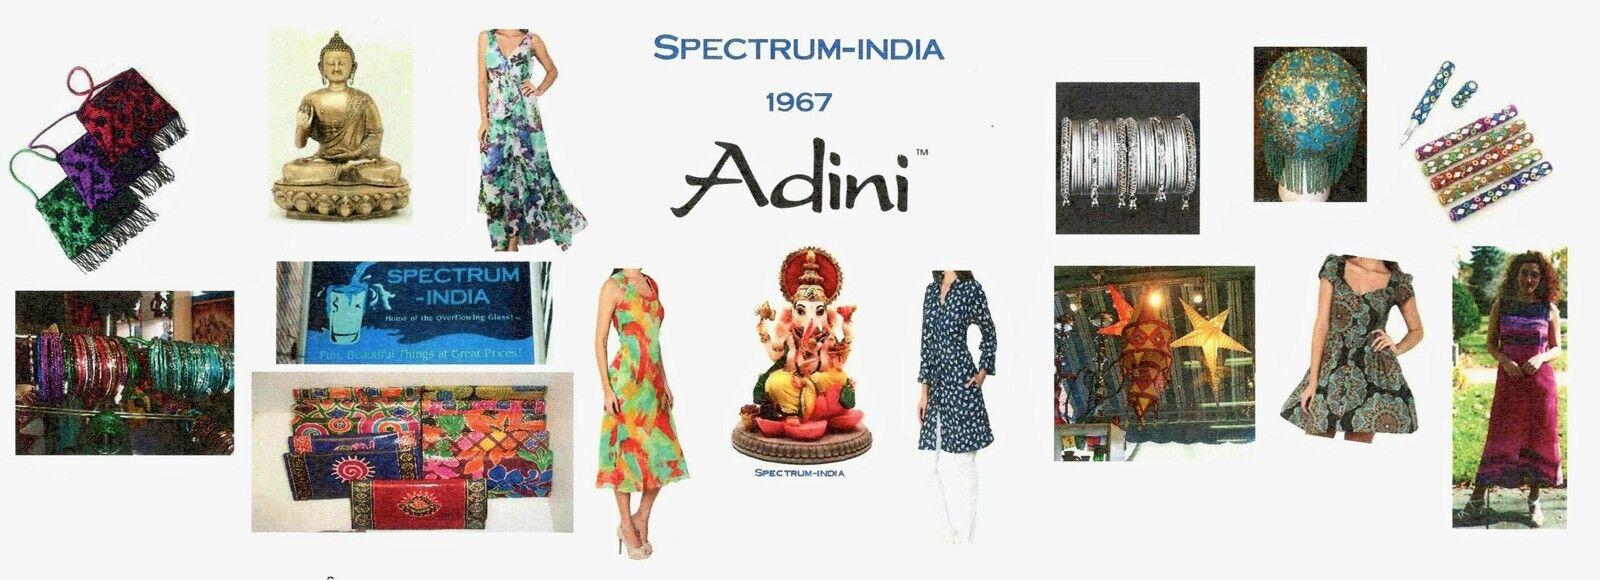 SPECTRUM-INDIA